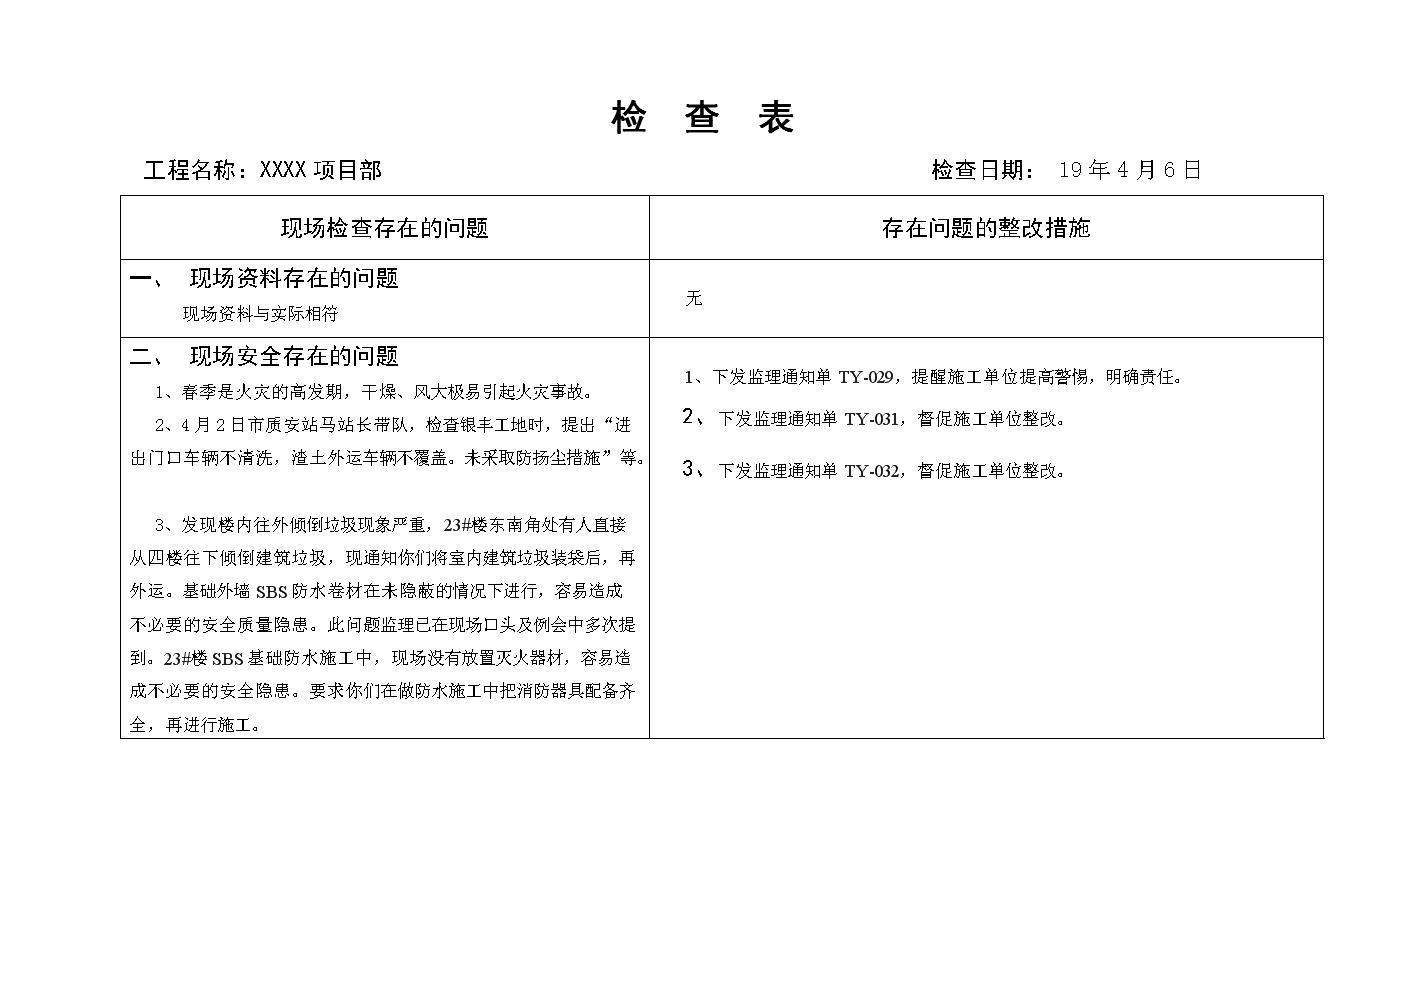 周一上传检查表.doc